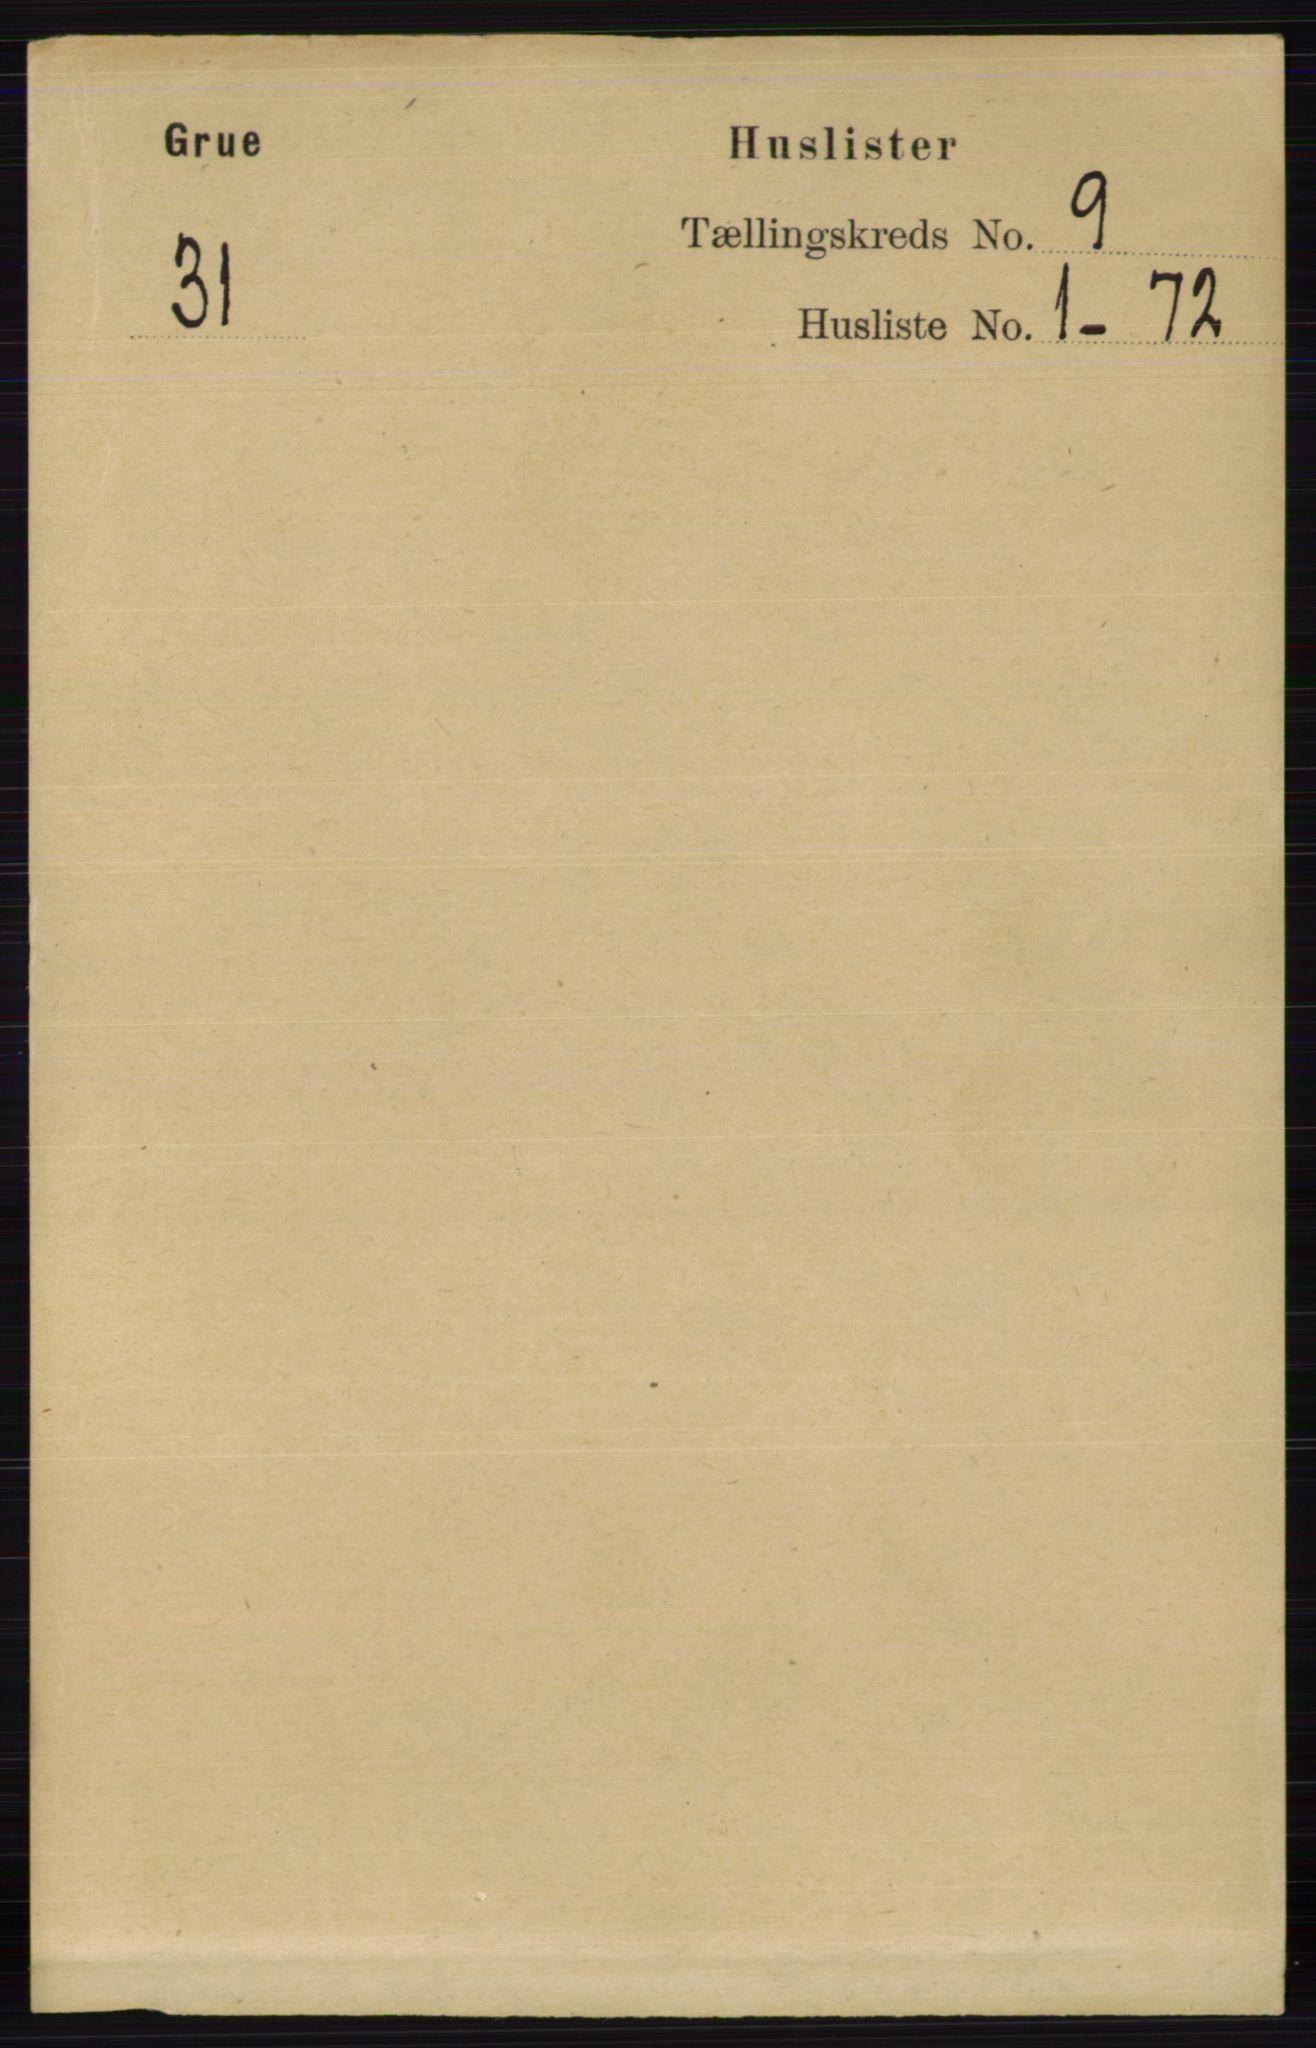 RA, Folketelling 1891 for 0423 Grue herred, 1891, s. 4805